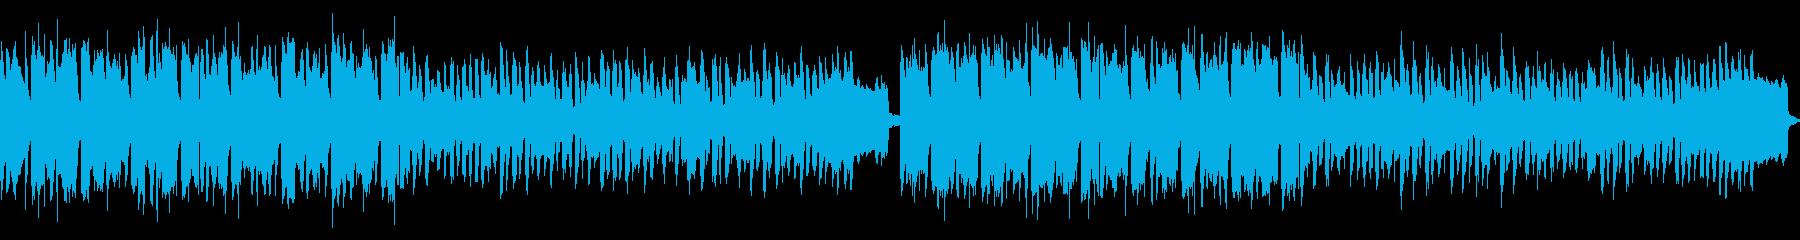 ウキウキわくわくな万能BGM74の再生済みの波形